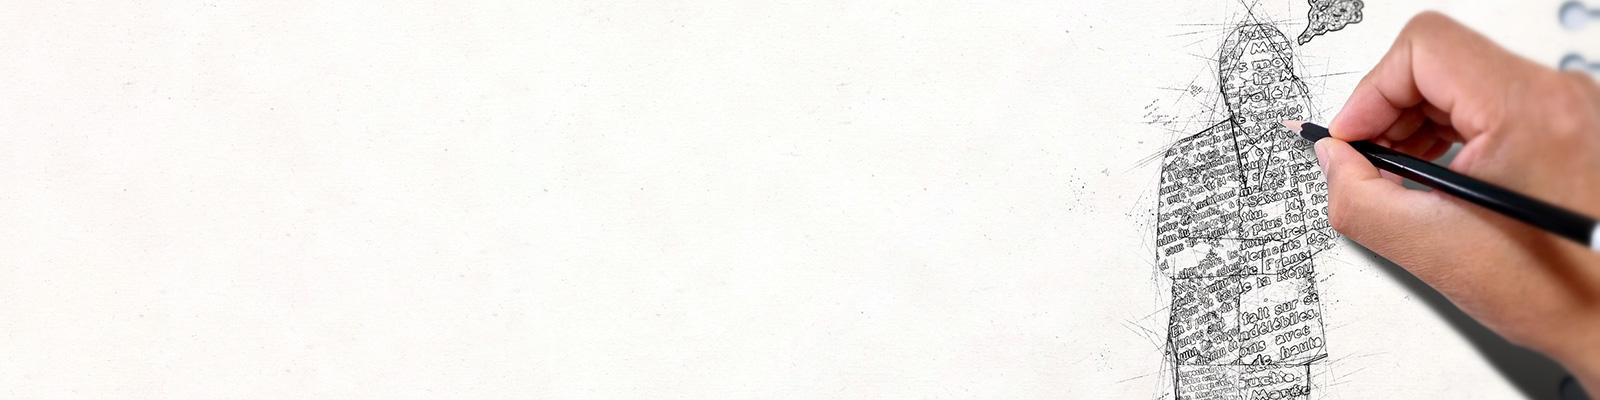 スケッチブック 経営者 イメージ